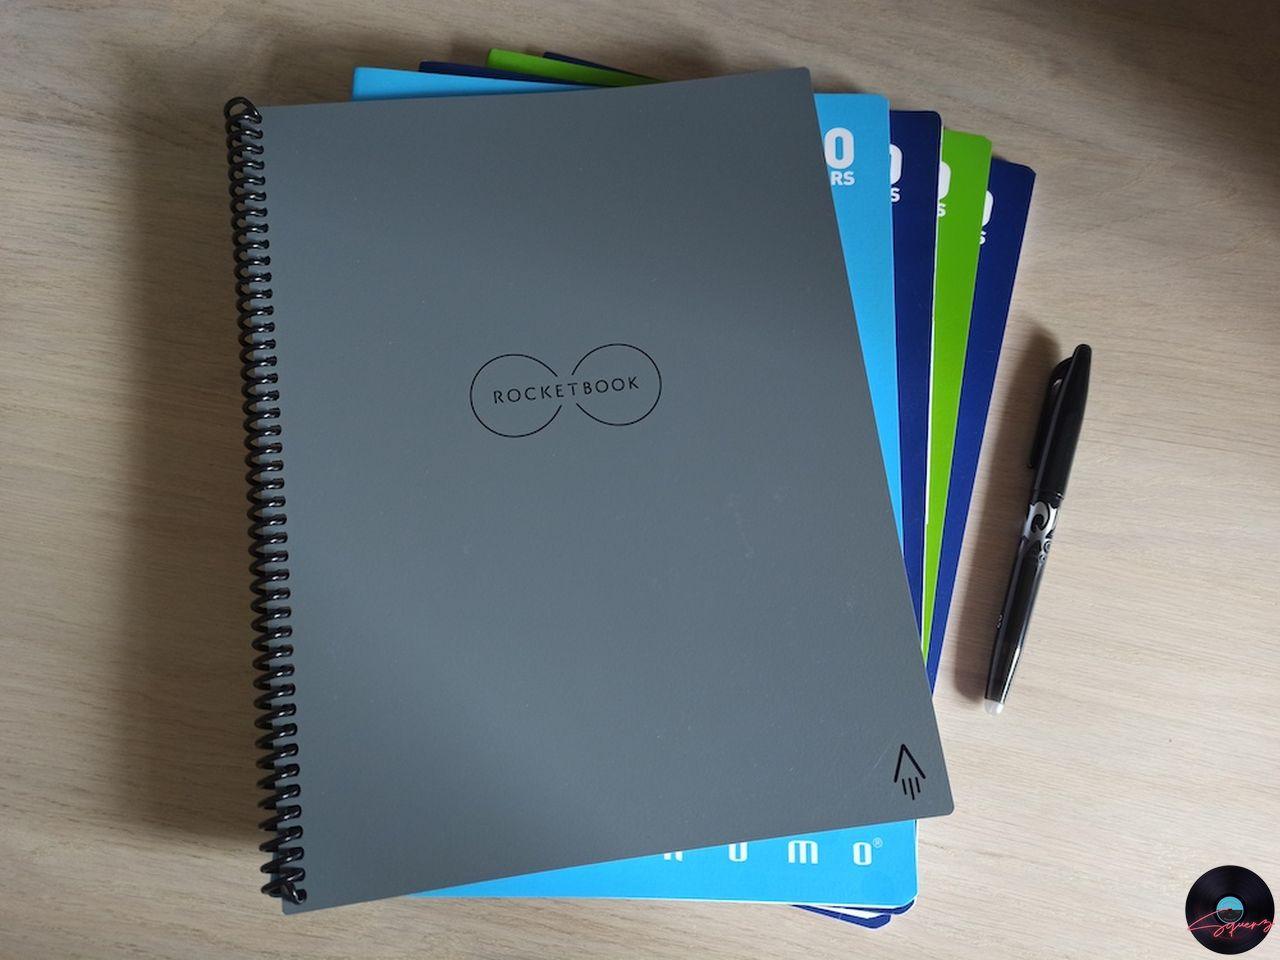 Rocketbook Core